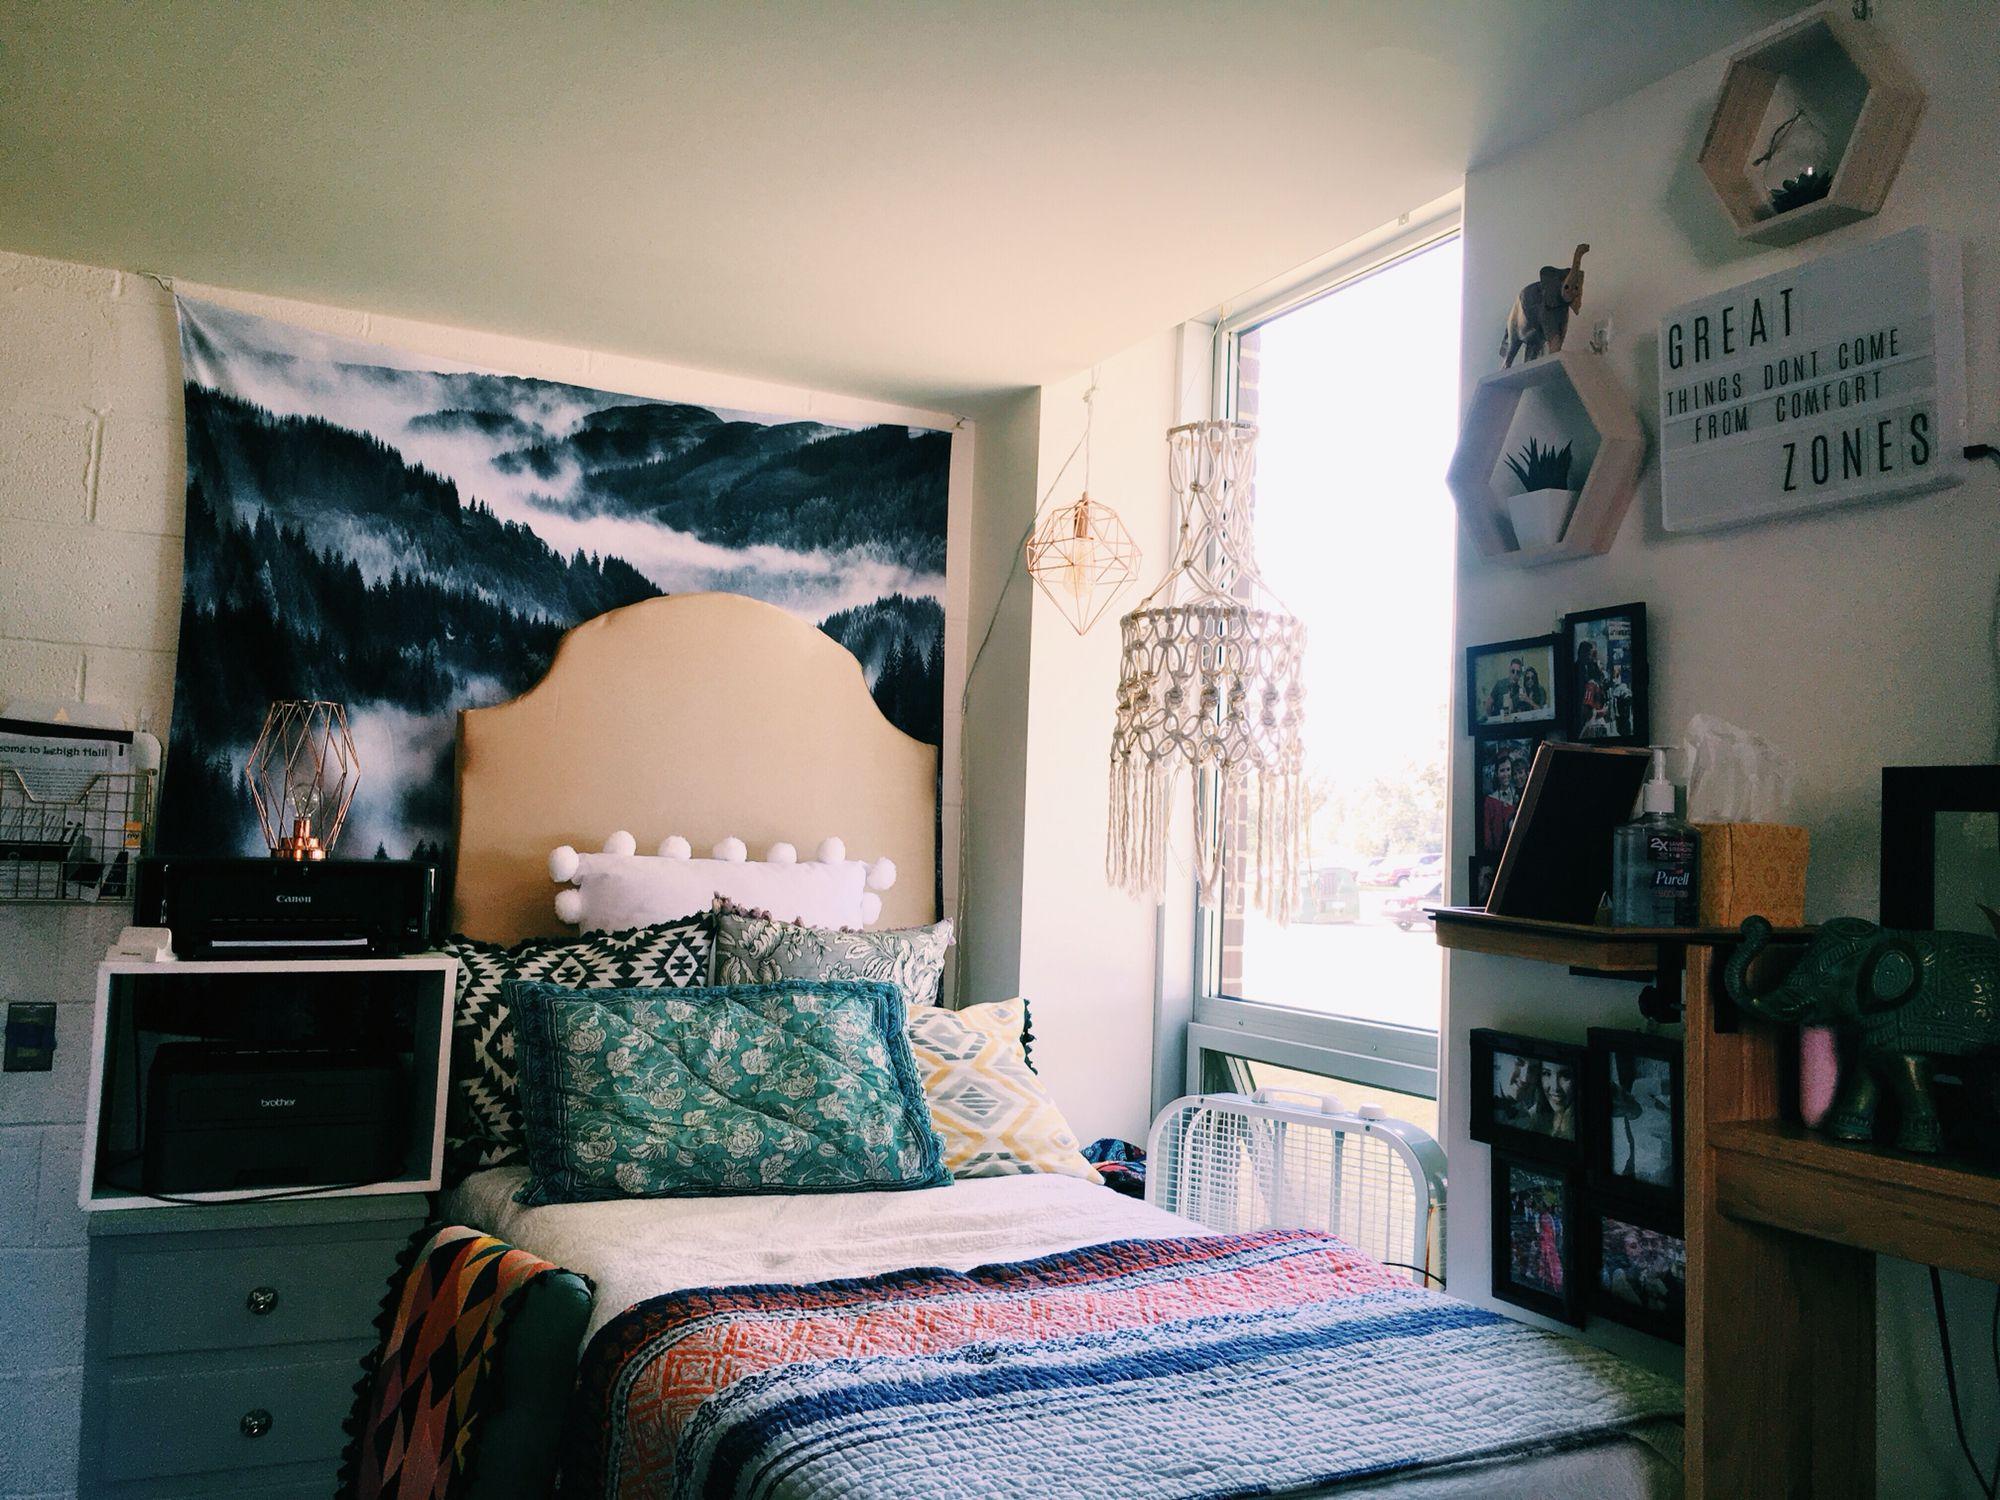 Dixon hall dorm room